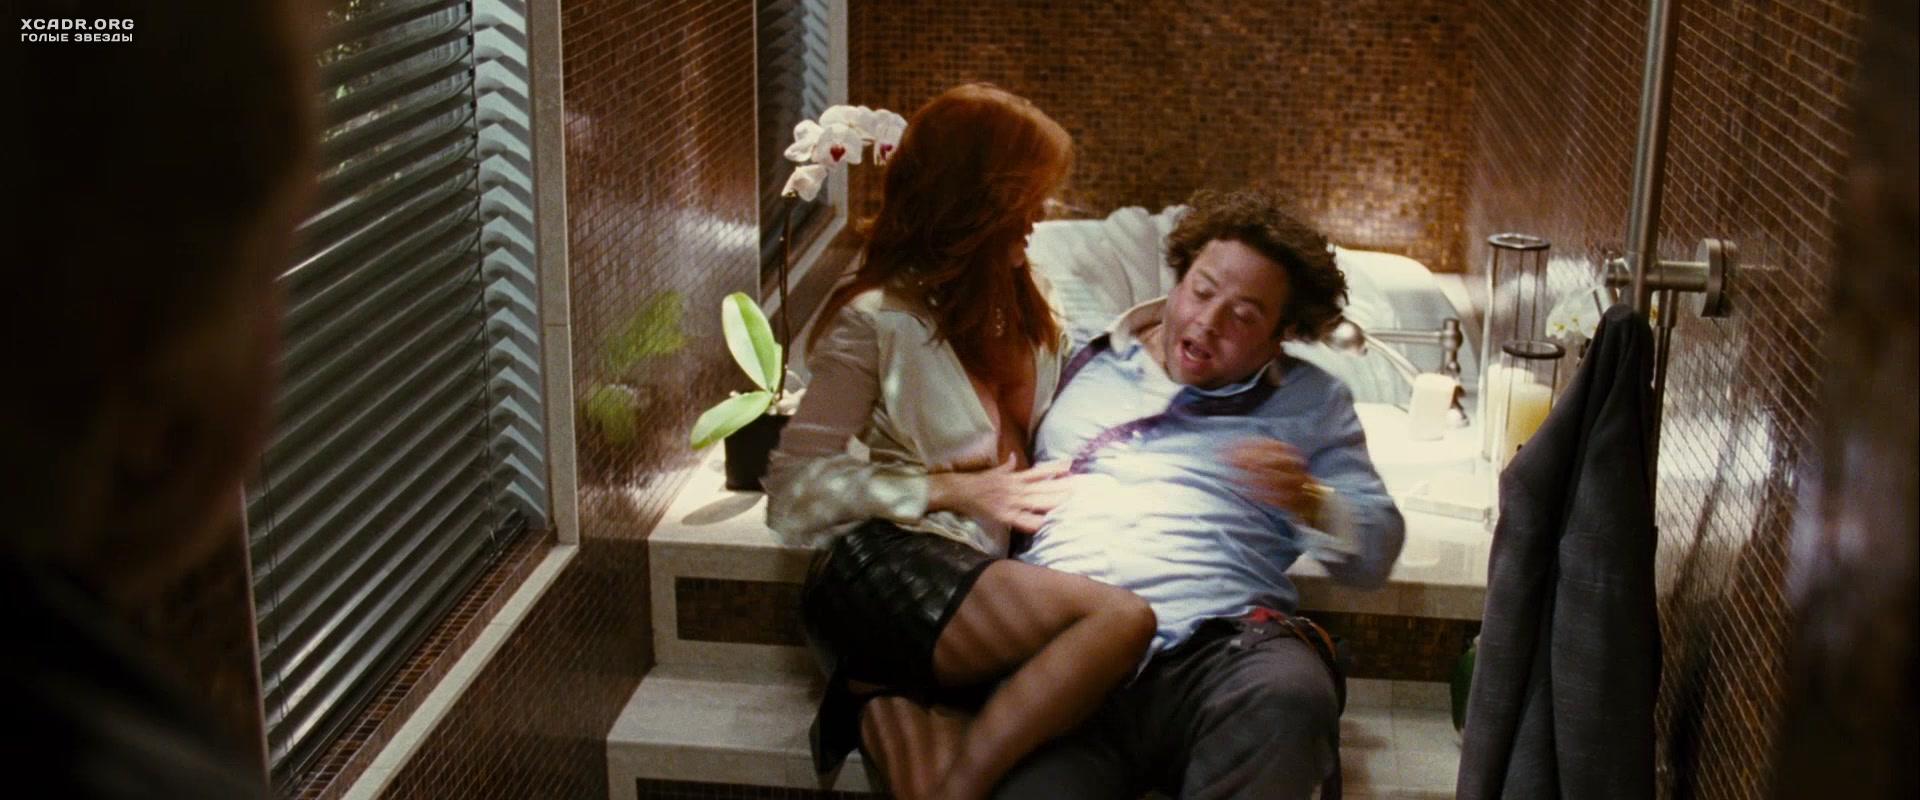 Эро фото из фильма отвези меня домой 7